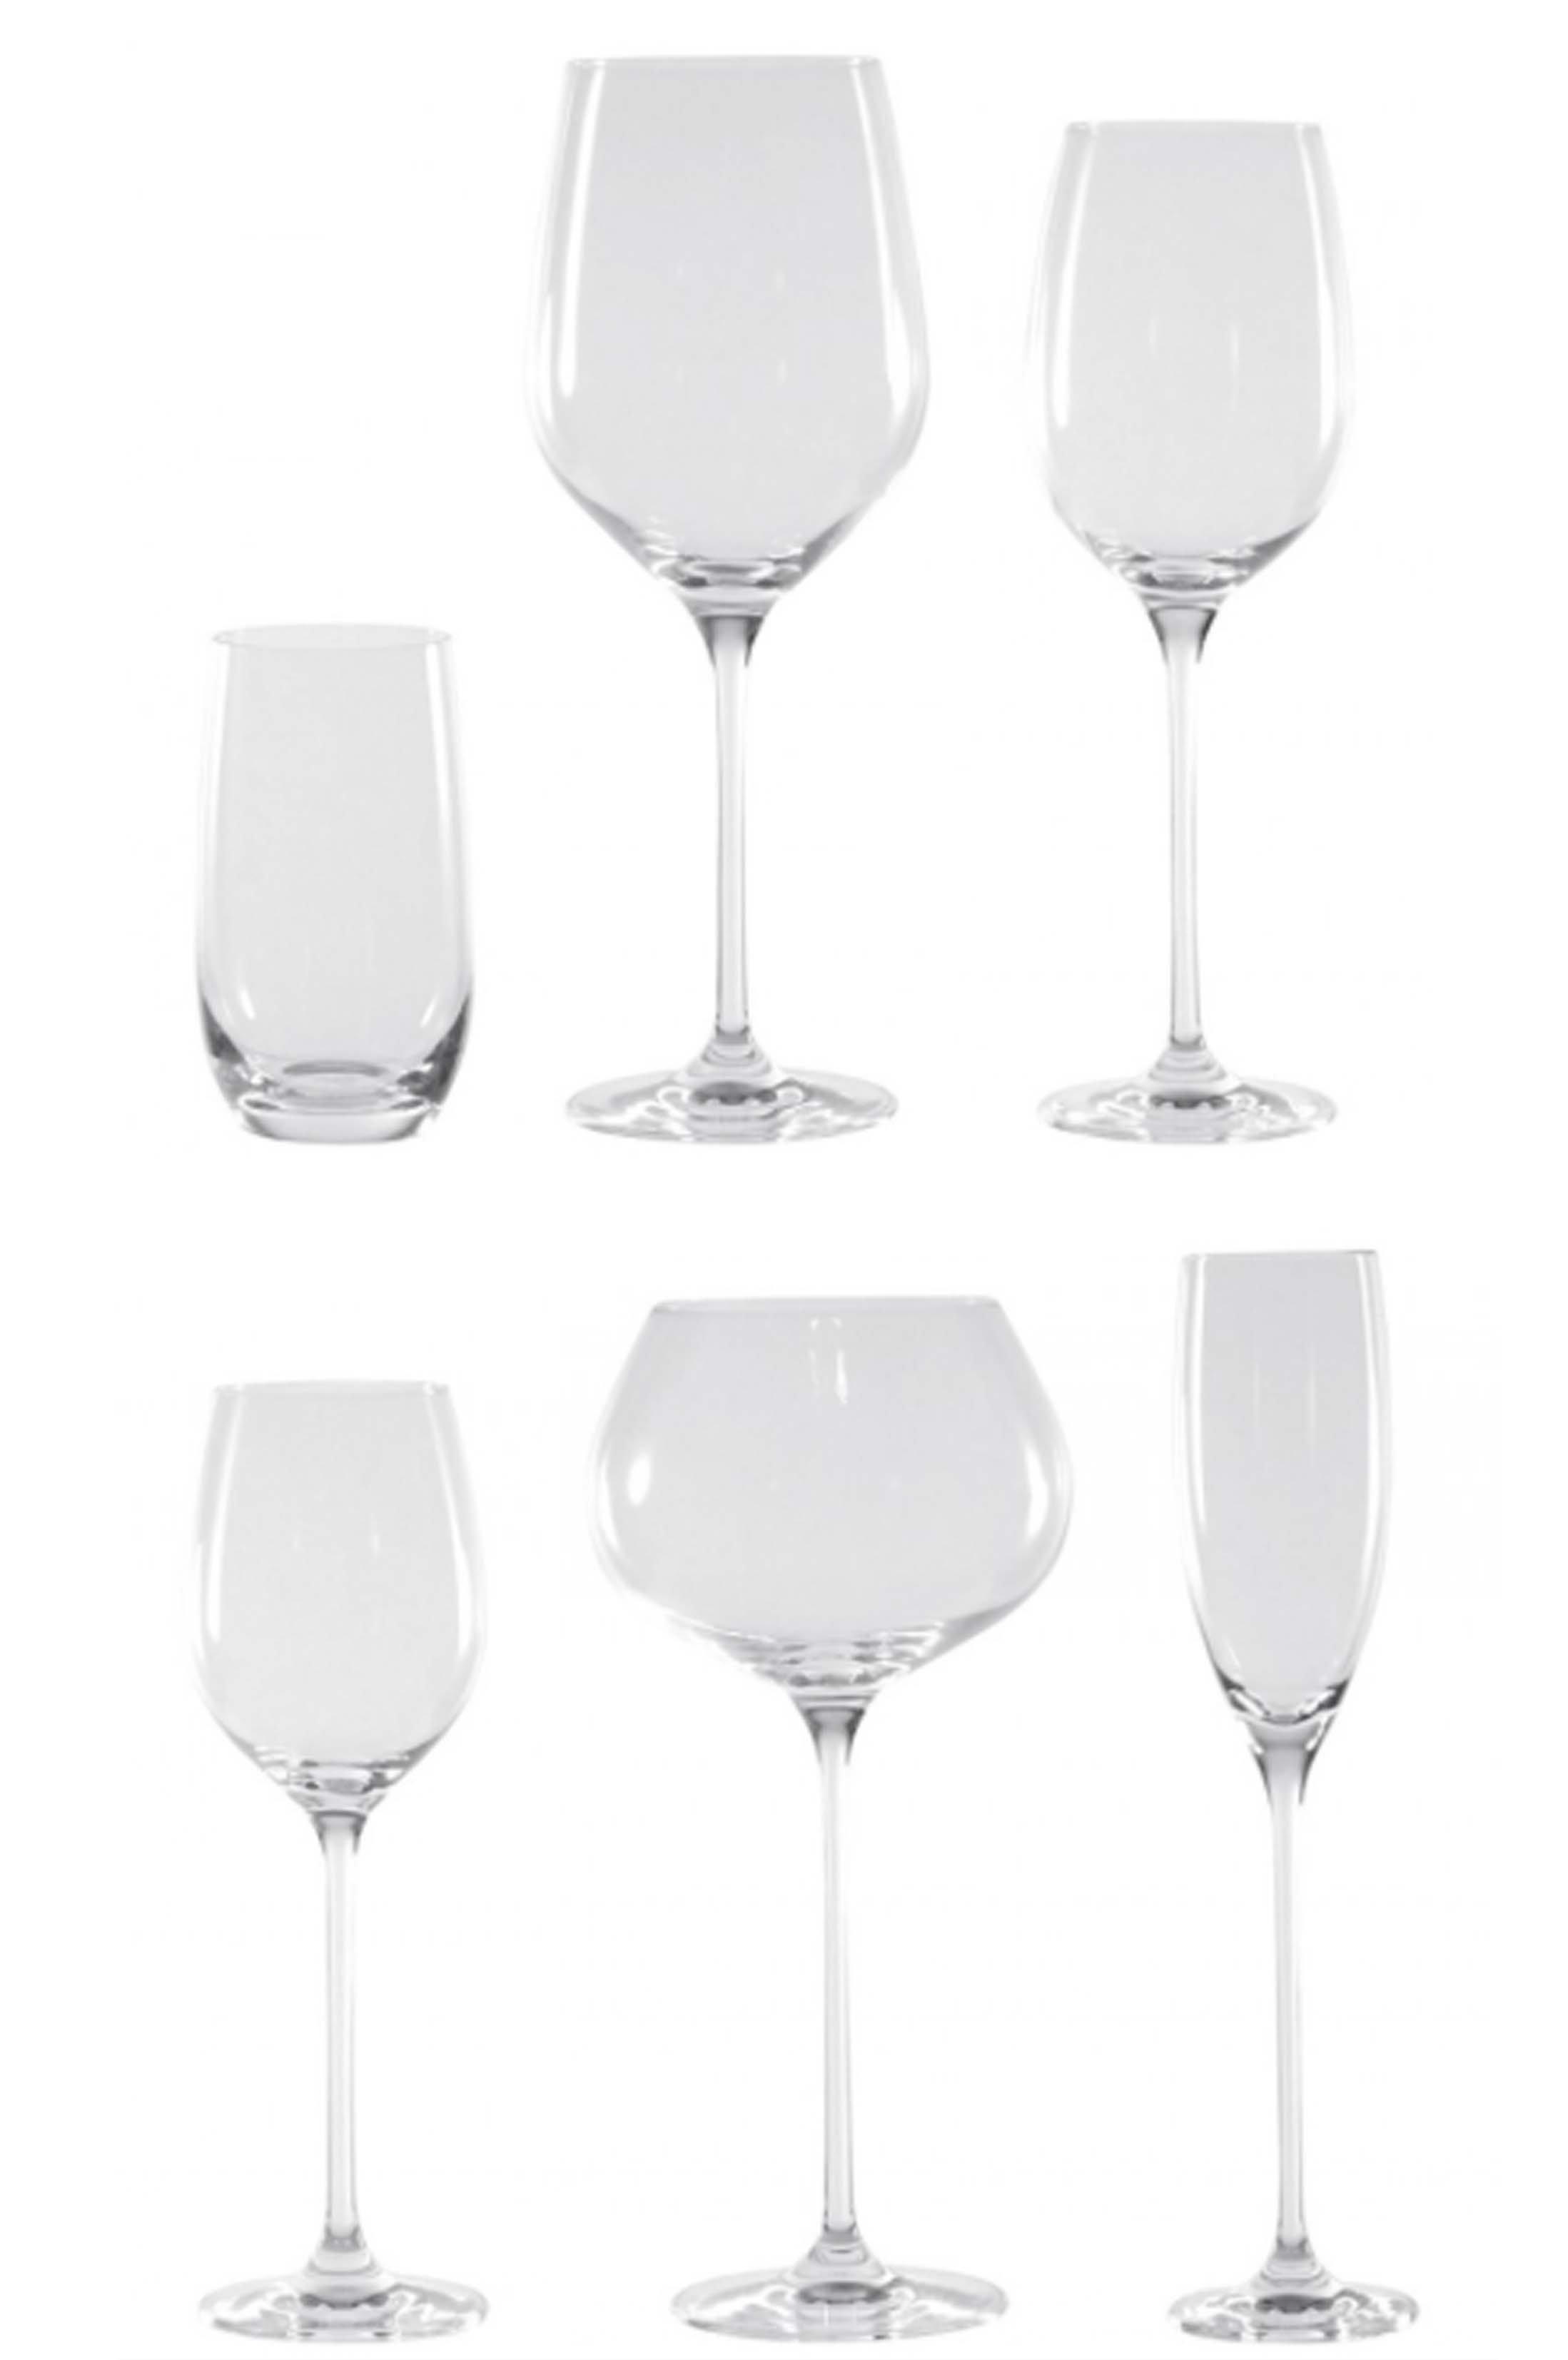 Bicchiere piatti affitto a lungo termine o noleggio attrezzature da sala per un giorno